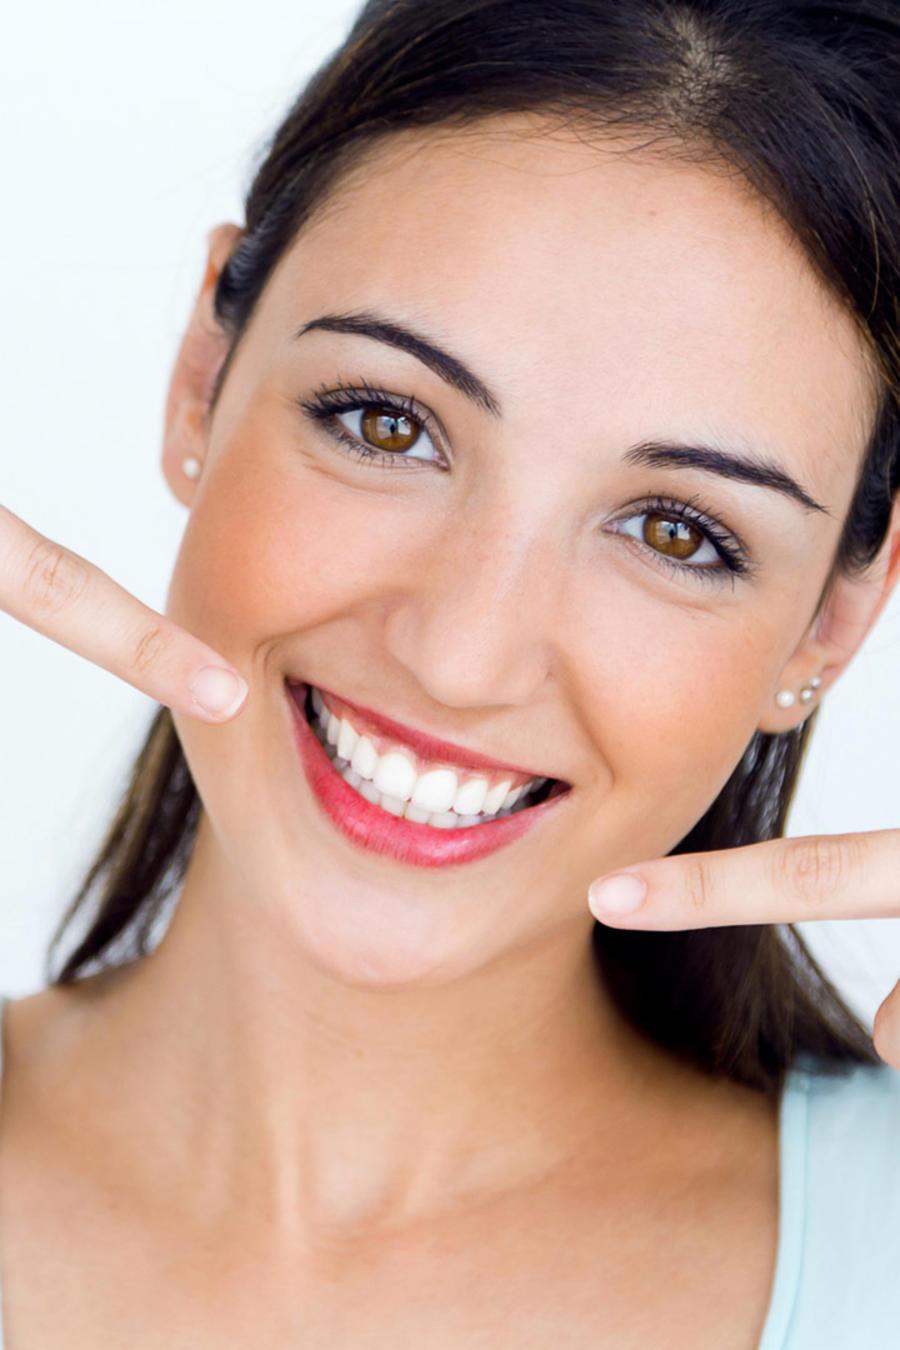 Mujer señalando su sonrisa